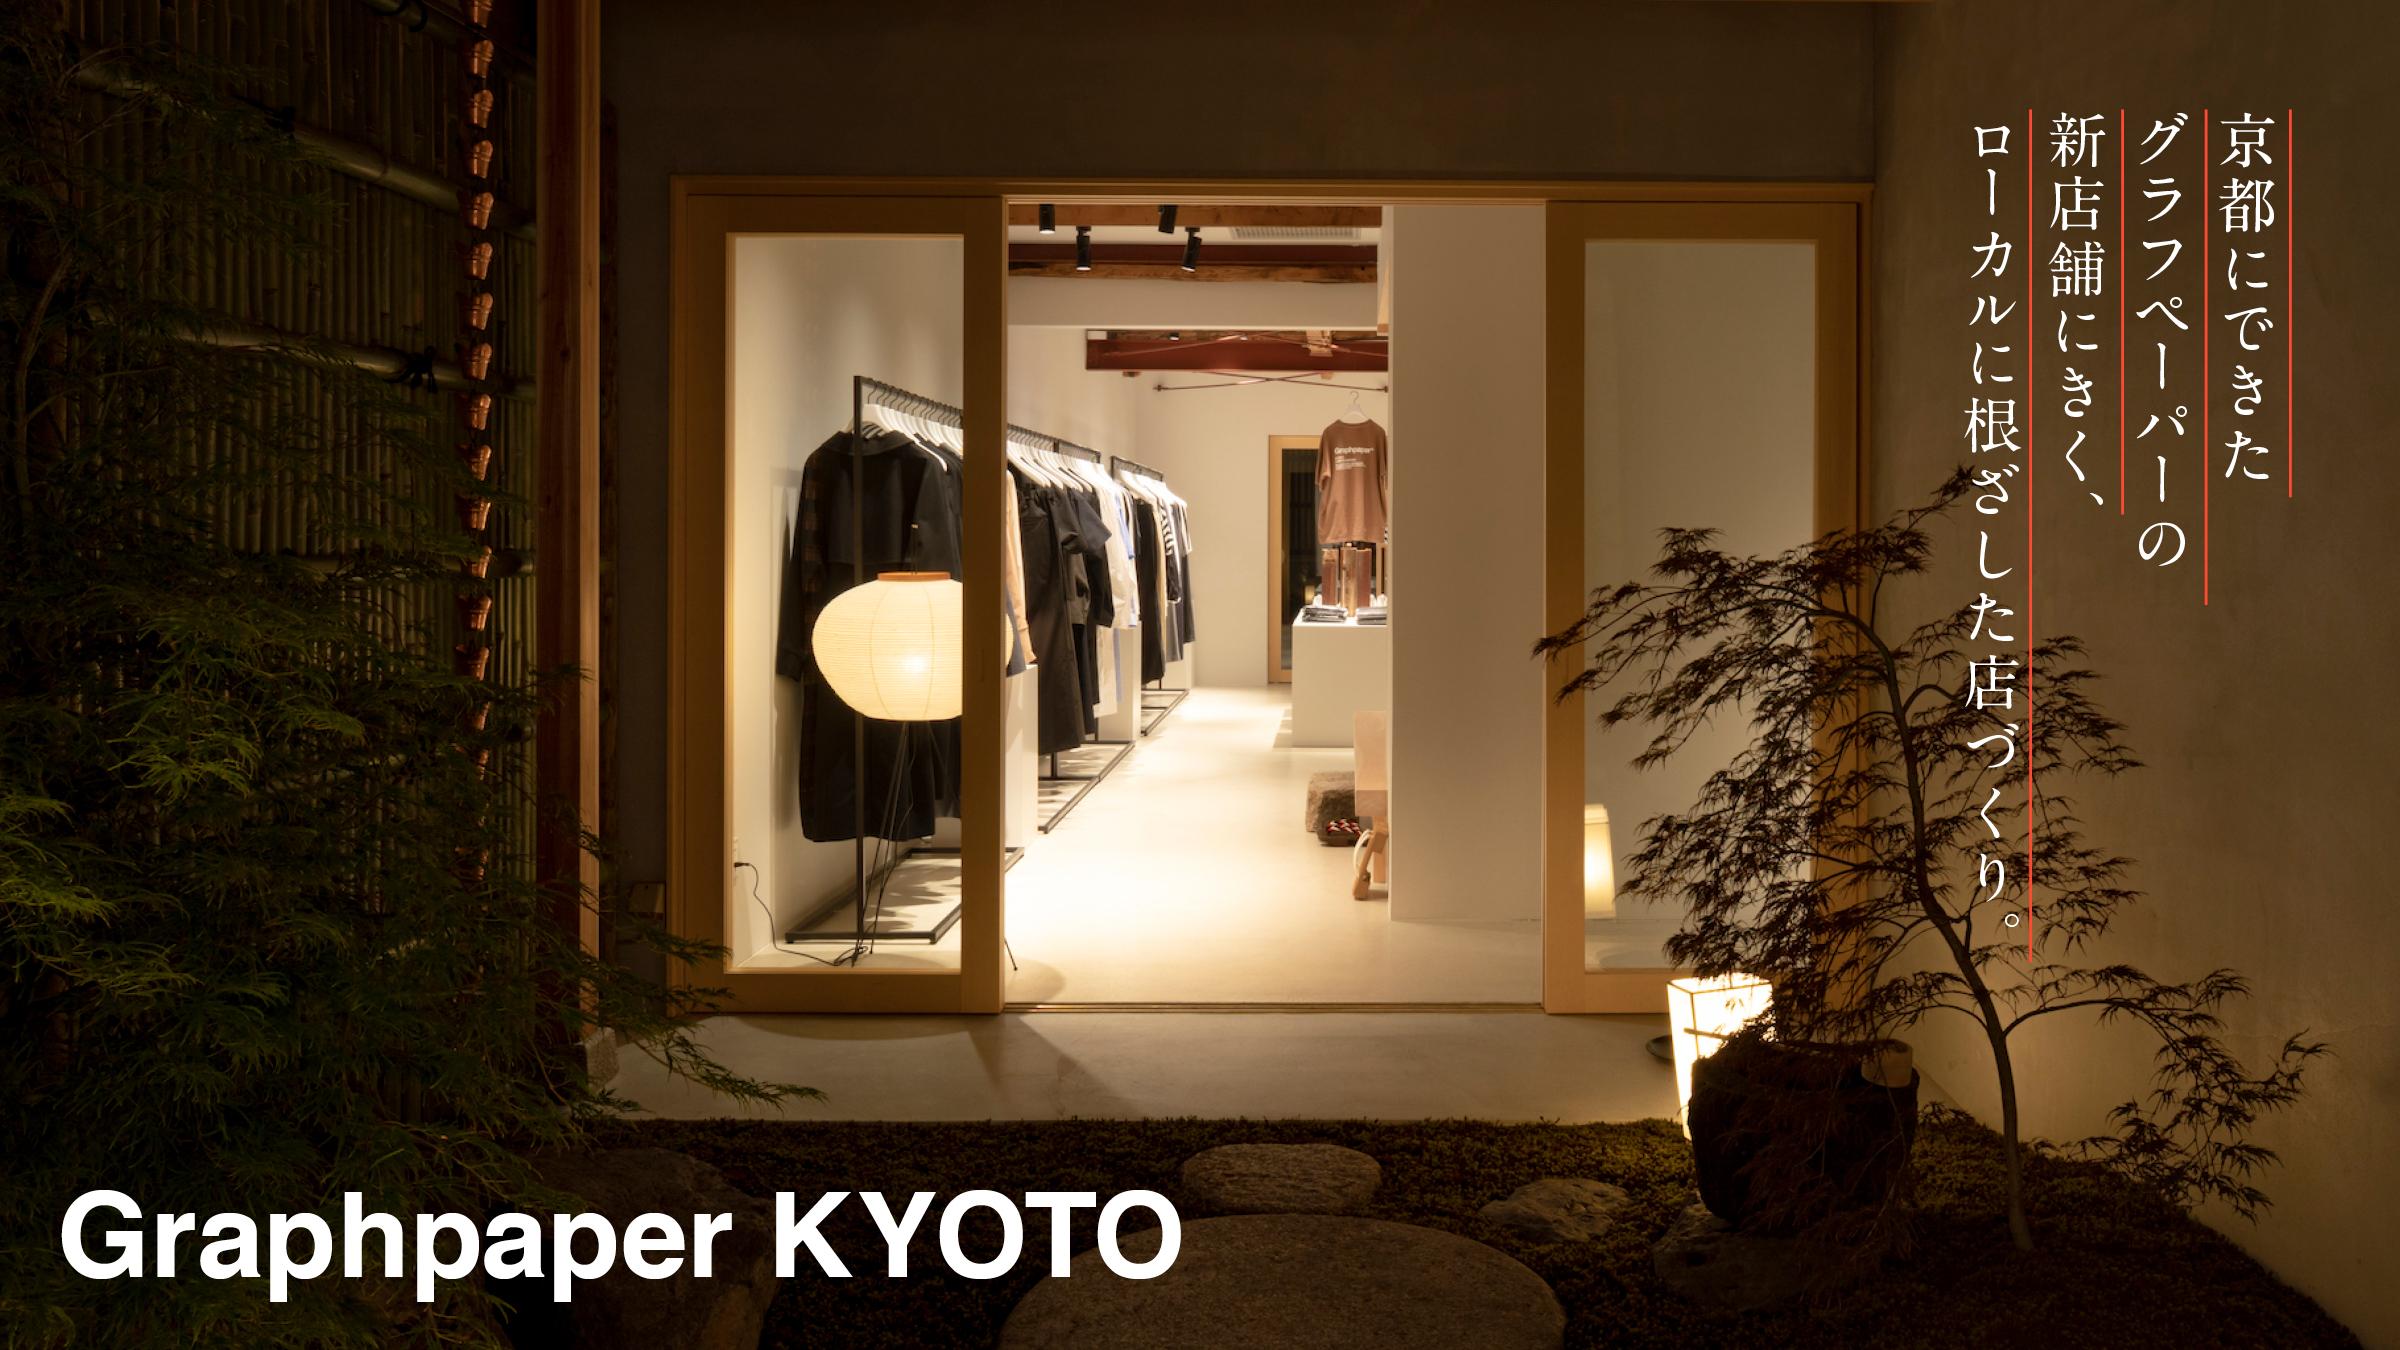 京都にできたグラフペーパーの新店舗にきく、ローカルに根ざした店づくり。